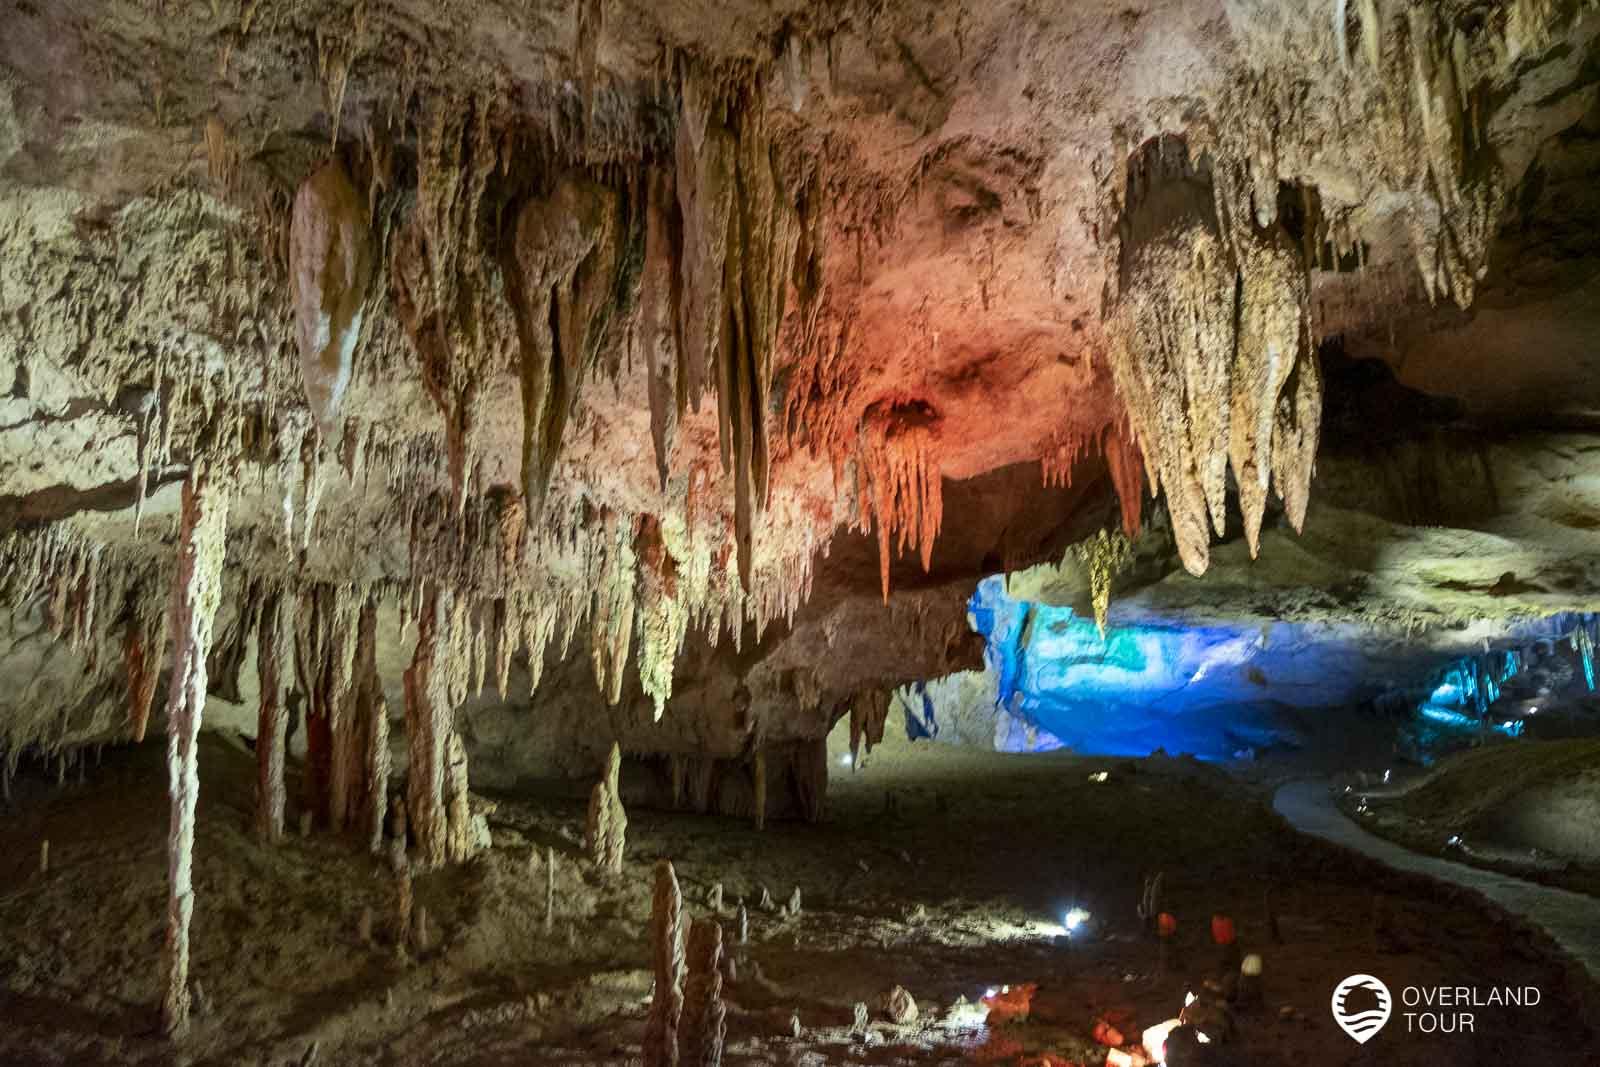 Die bunt illuminierten Prometheus Cave mit ihren Stalaktiten, Stalagmiten, Wasserfällen, unterirdischen Flüssen und Seen